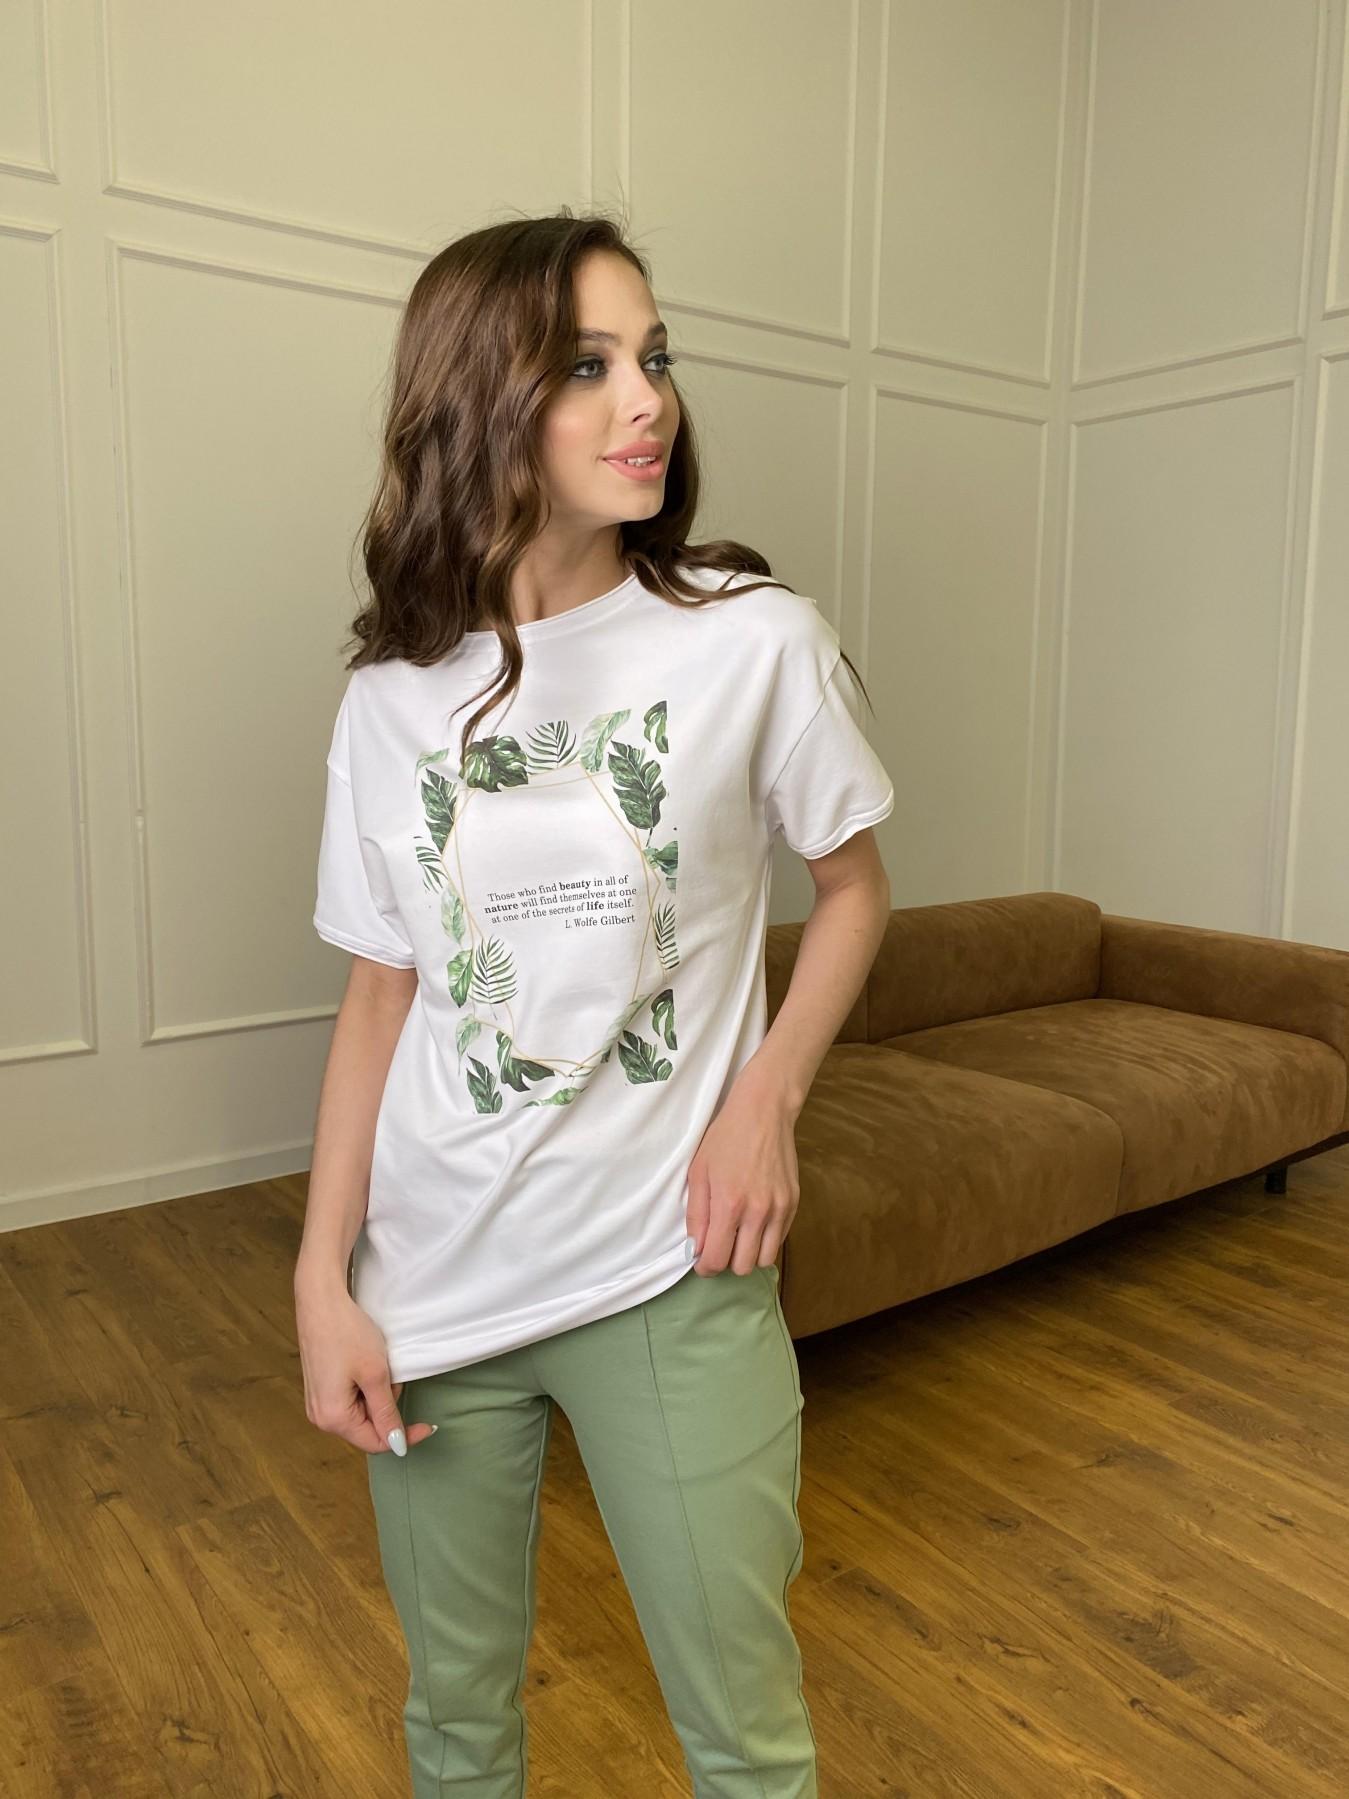 Тропик футболка из вискозы однотонная хлопок 11240 АРТ. 47761 Цвет: Белый - фото 6, интернет магазин tm-modus.ru